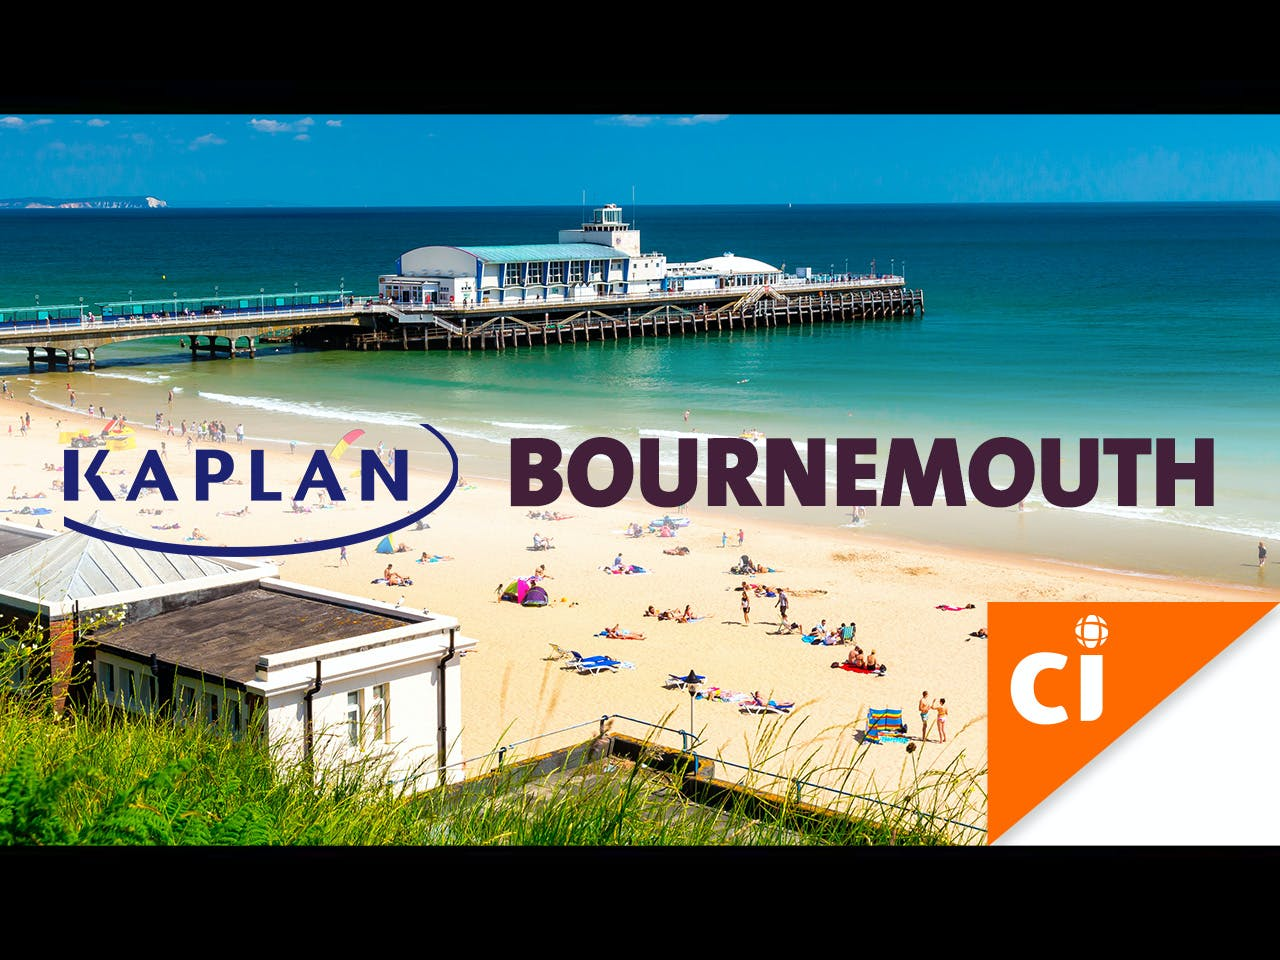 Kaplan | Bournemouth